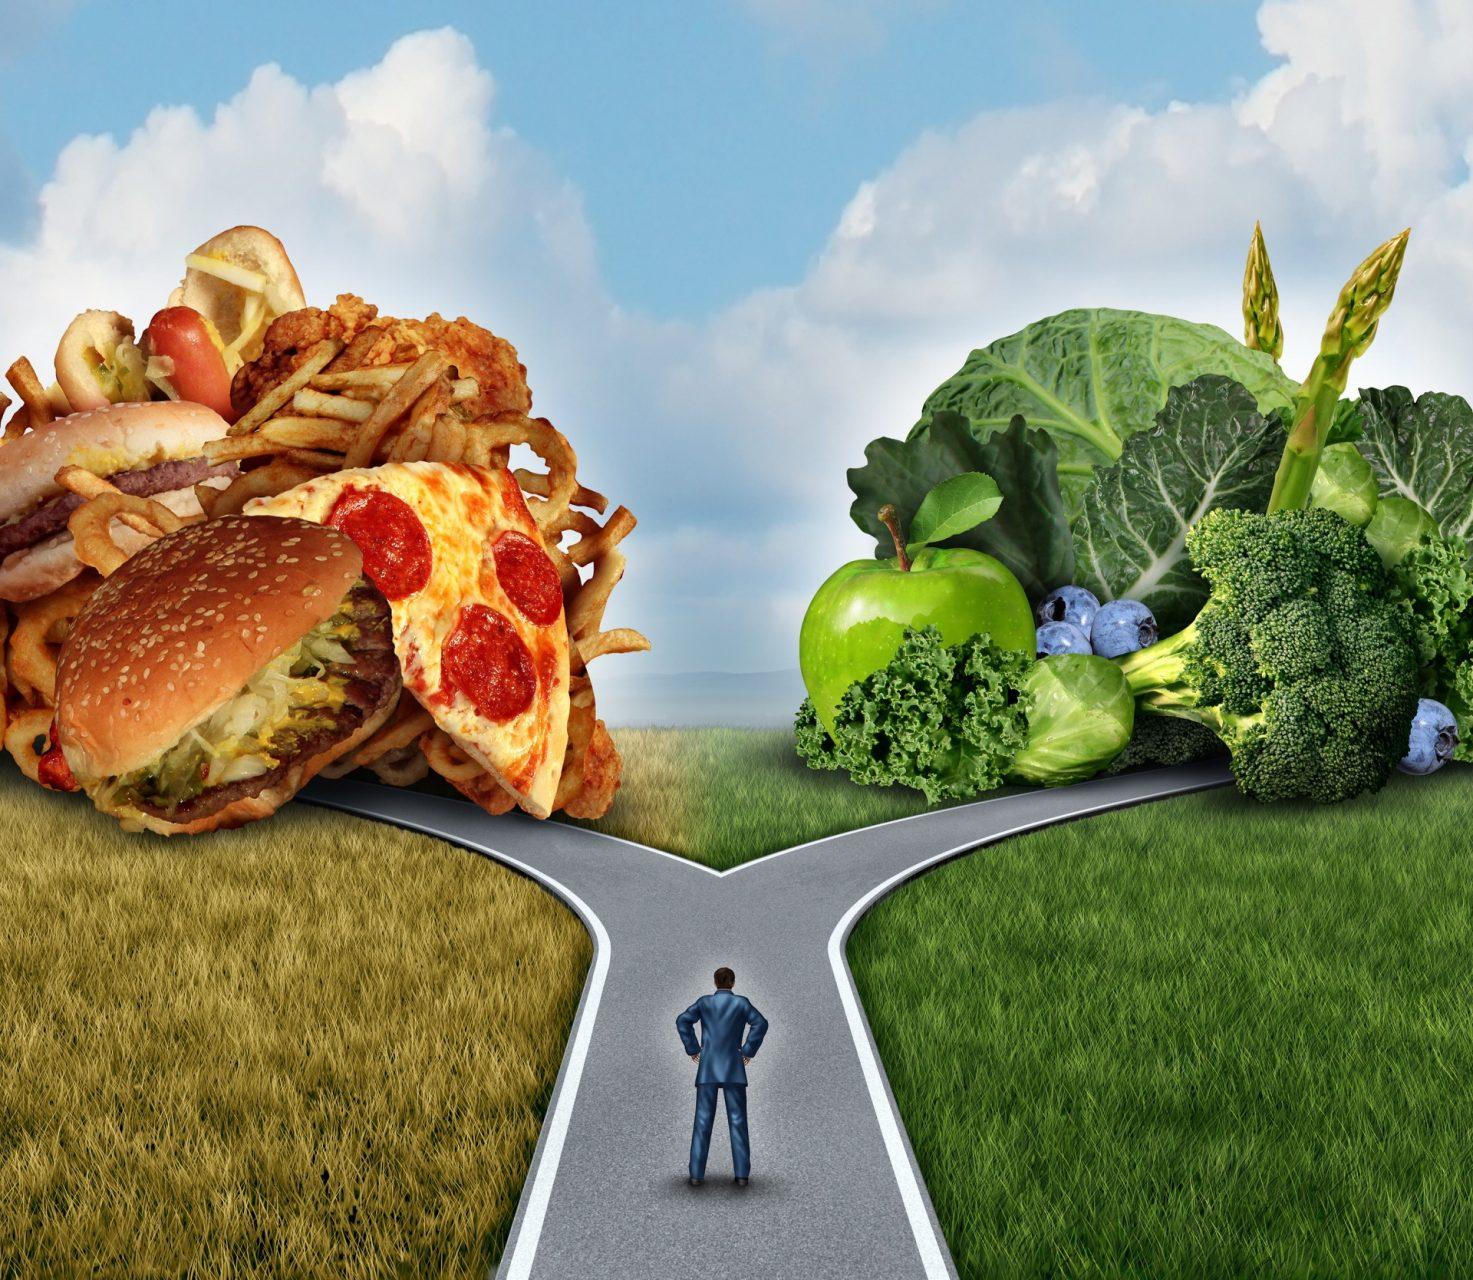 Produse pentru slăbit. Produse pentru lupta împotriva obezității. Produse lactate pentru slăbit